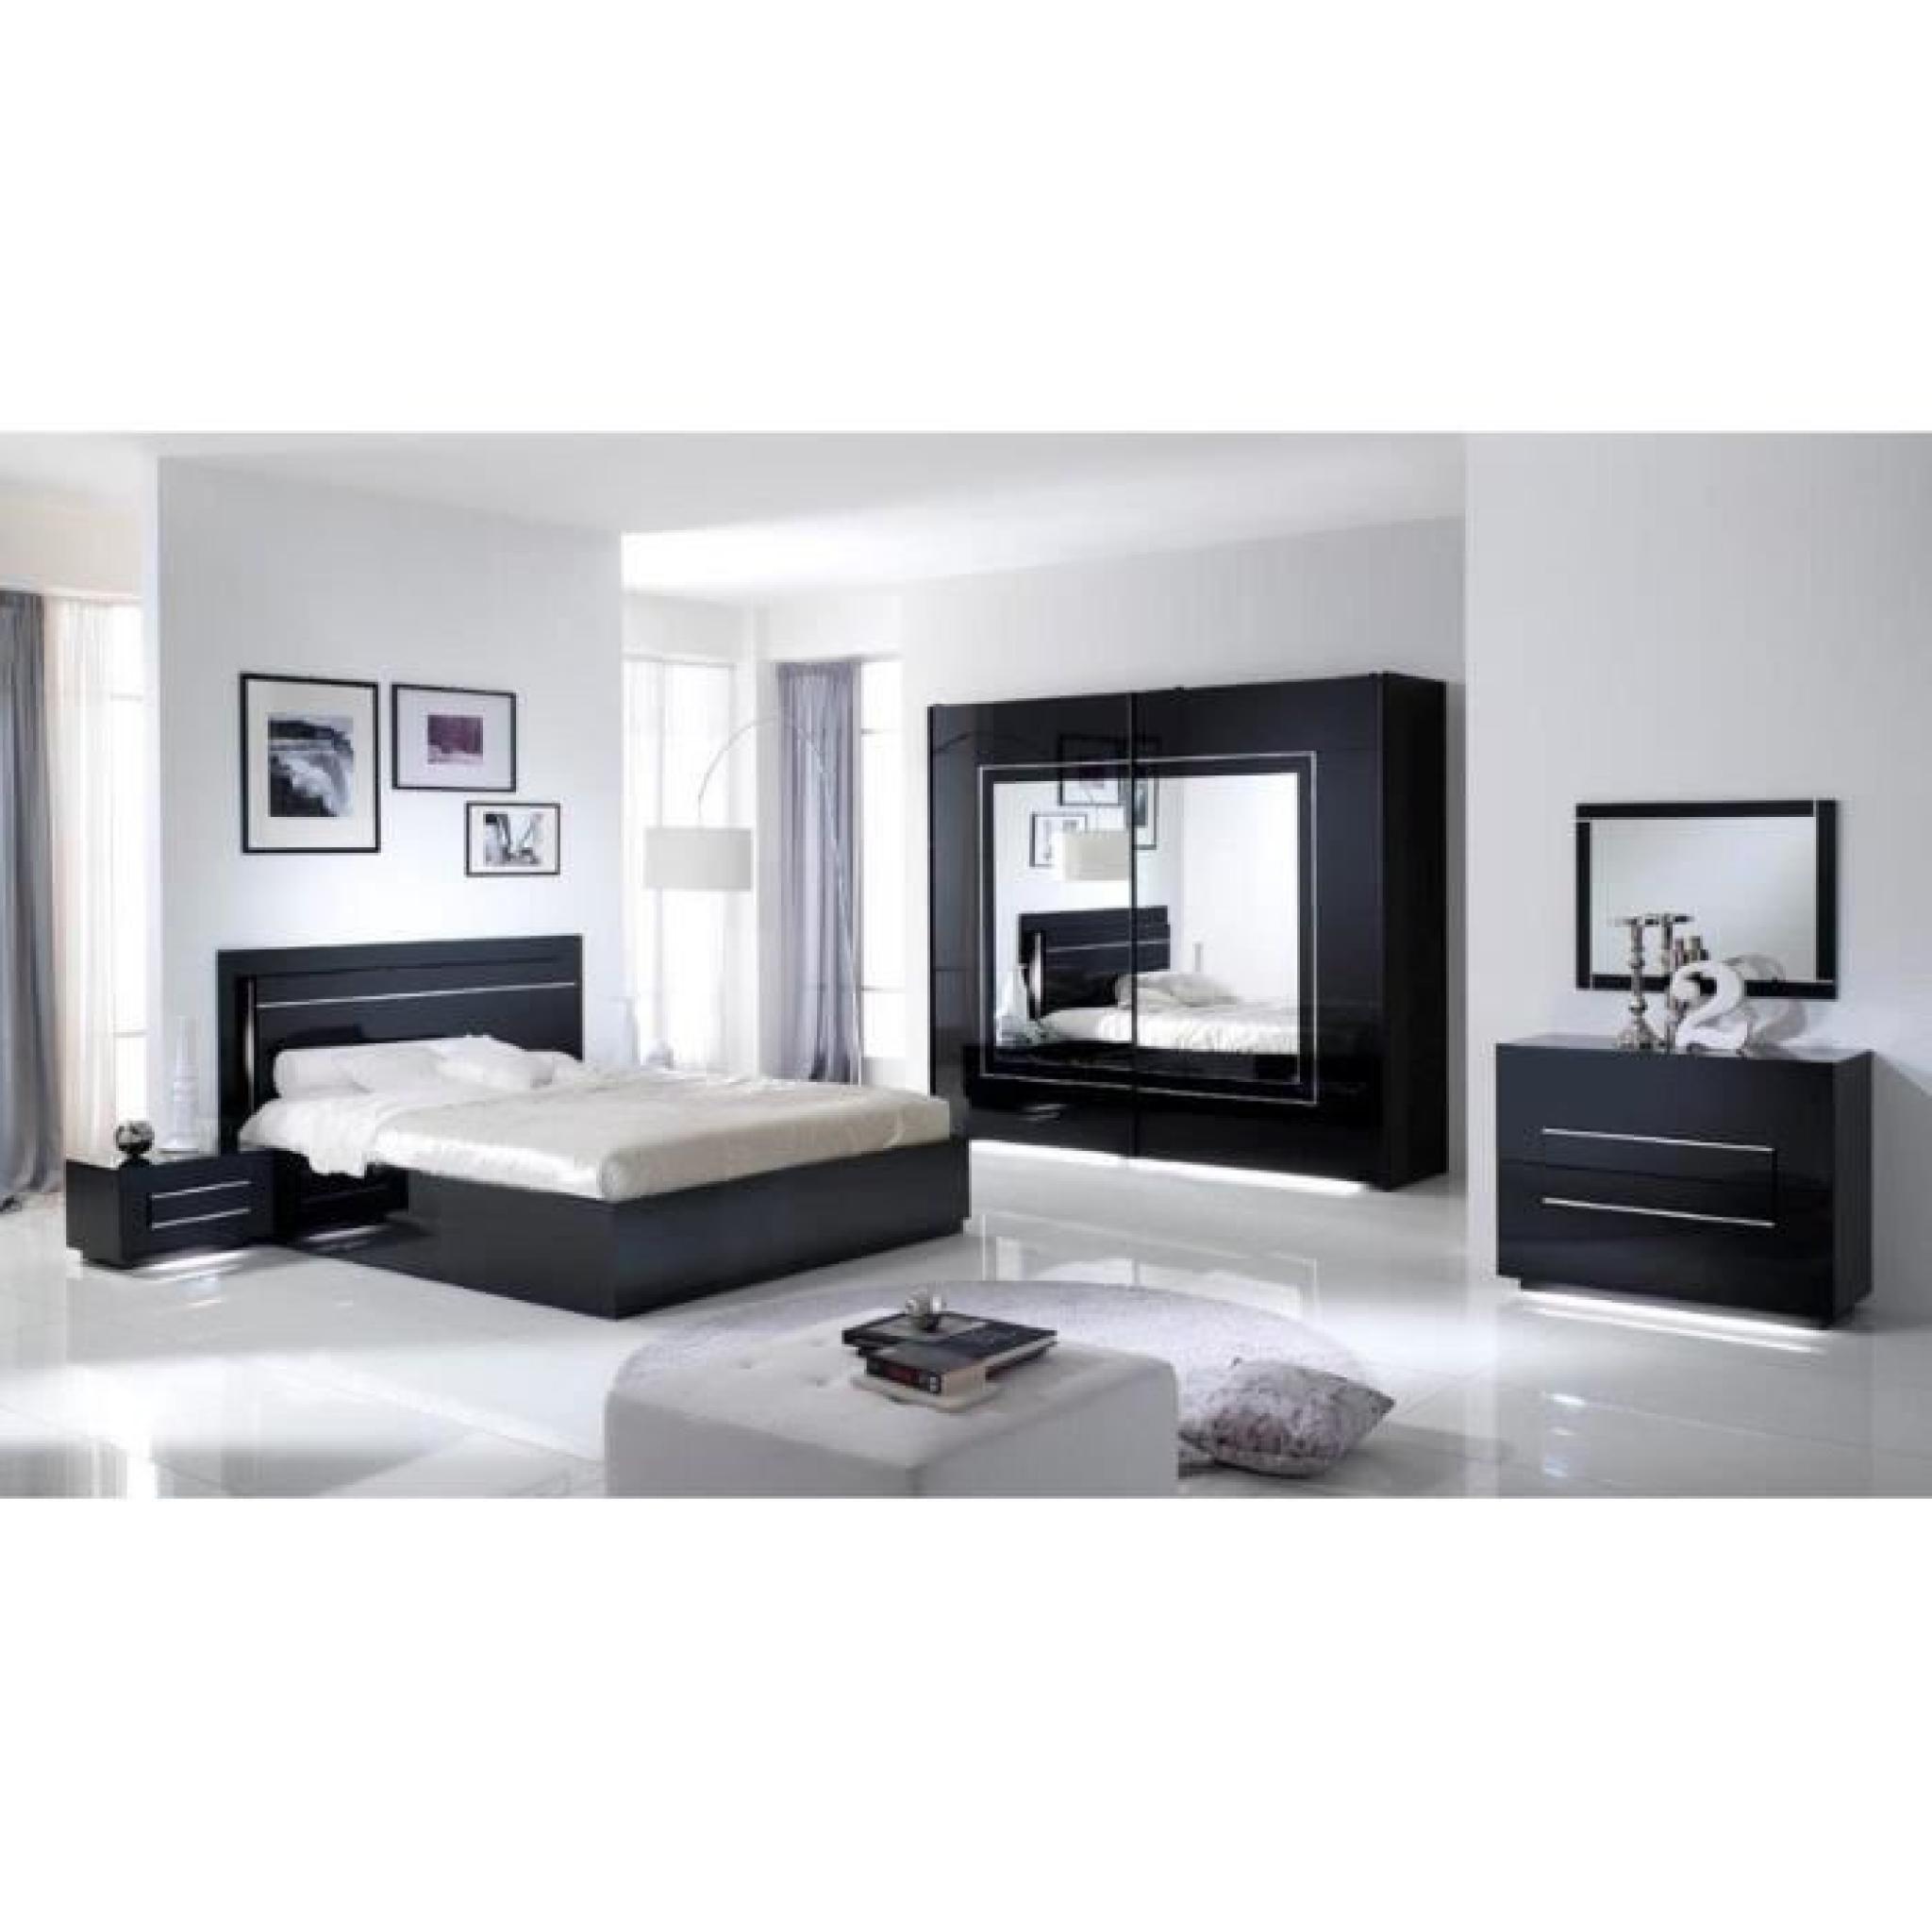 Chambre à Coucher Moderne 50 Idées Design: Chambre à Coucher ...